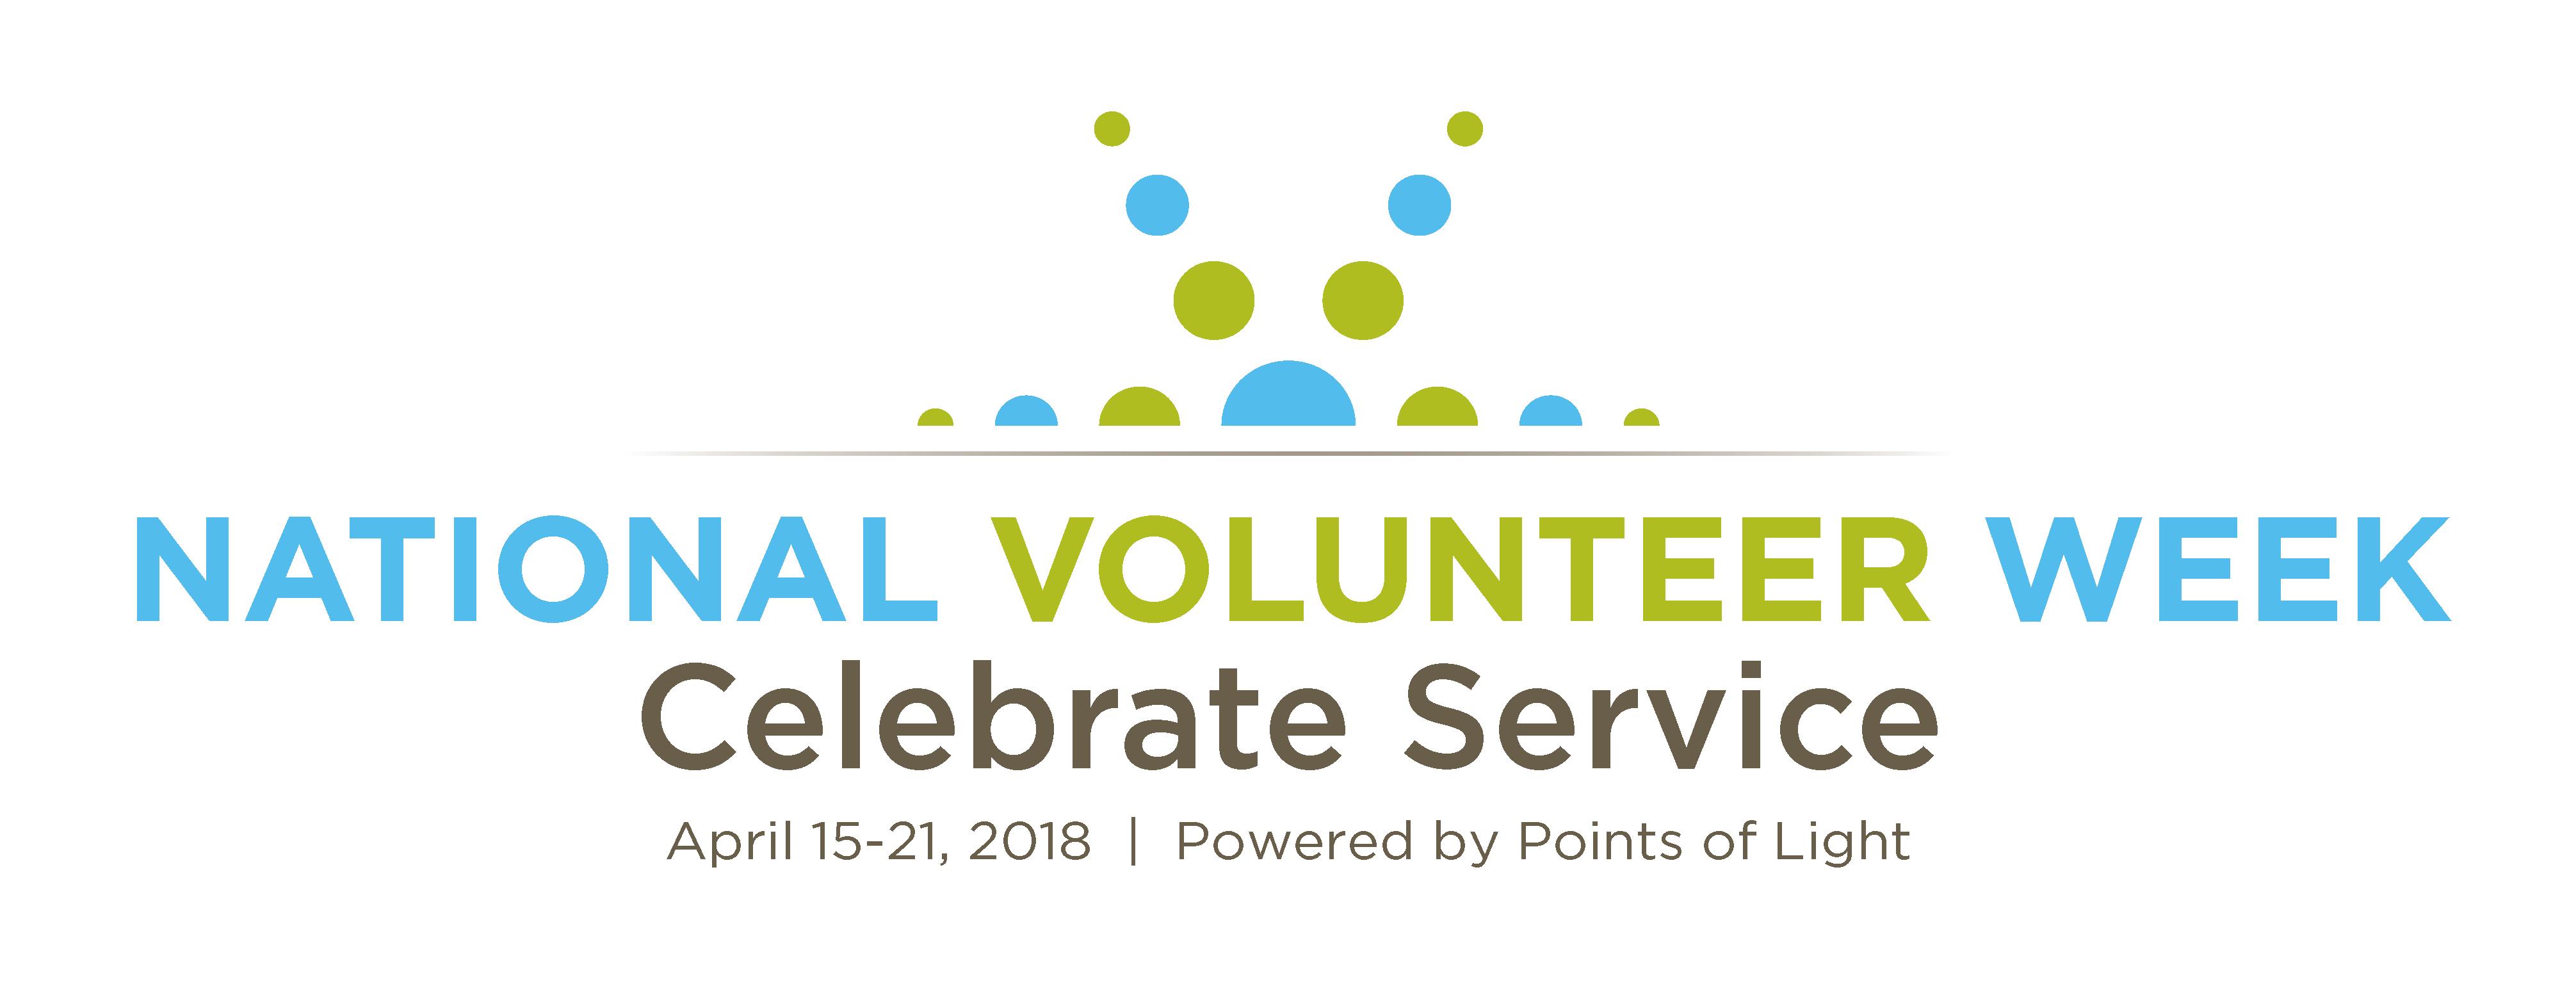 National Volunteer Week | Celebrate Service